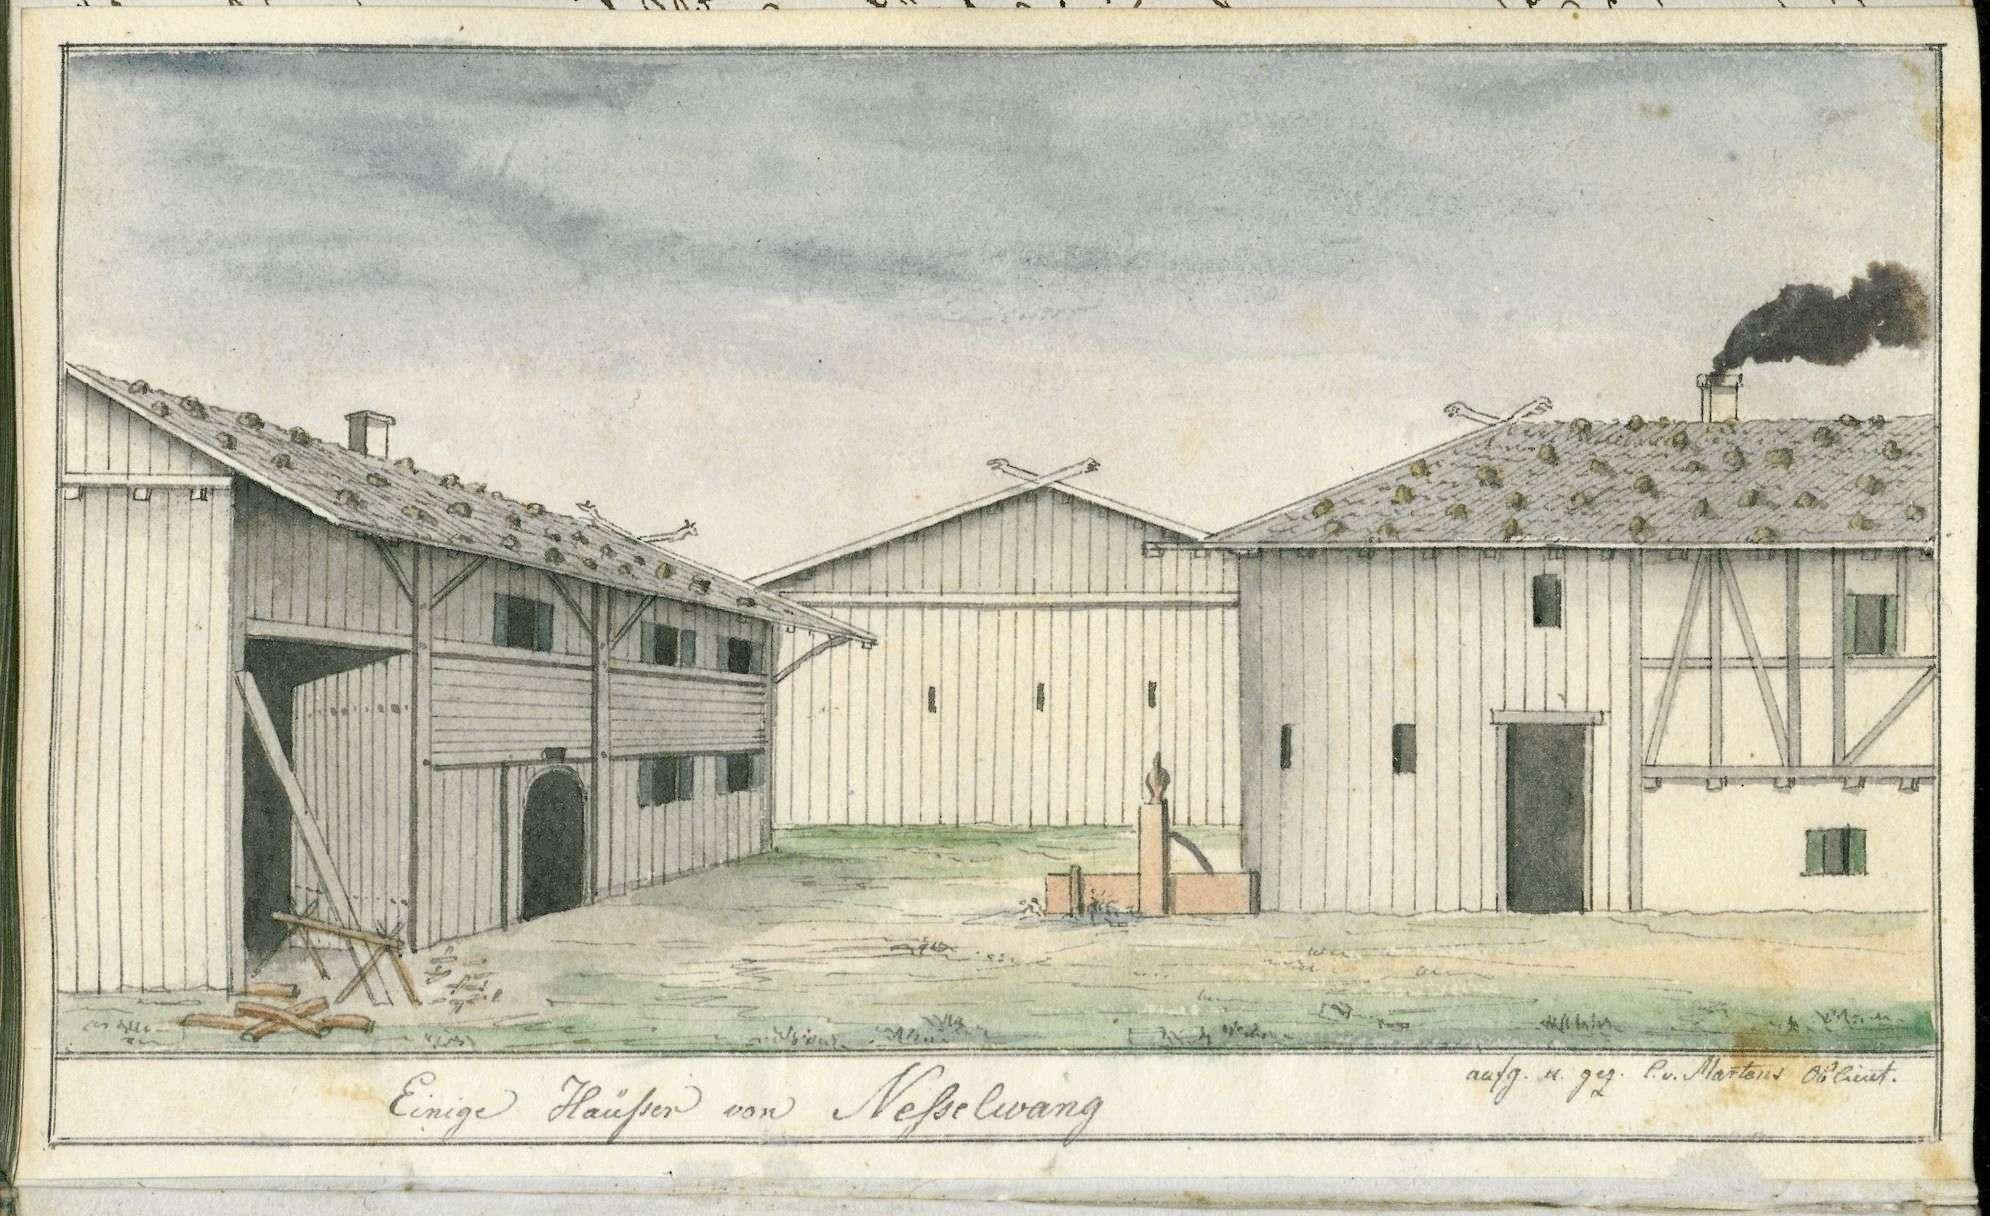 Tagebuch von Christian von Martens über seine Reise nach Venedig, seinen Aufenthalt dort und die Rückreise im Sommer 1816, Bild 1